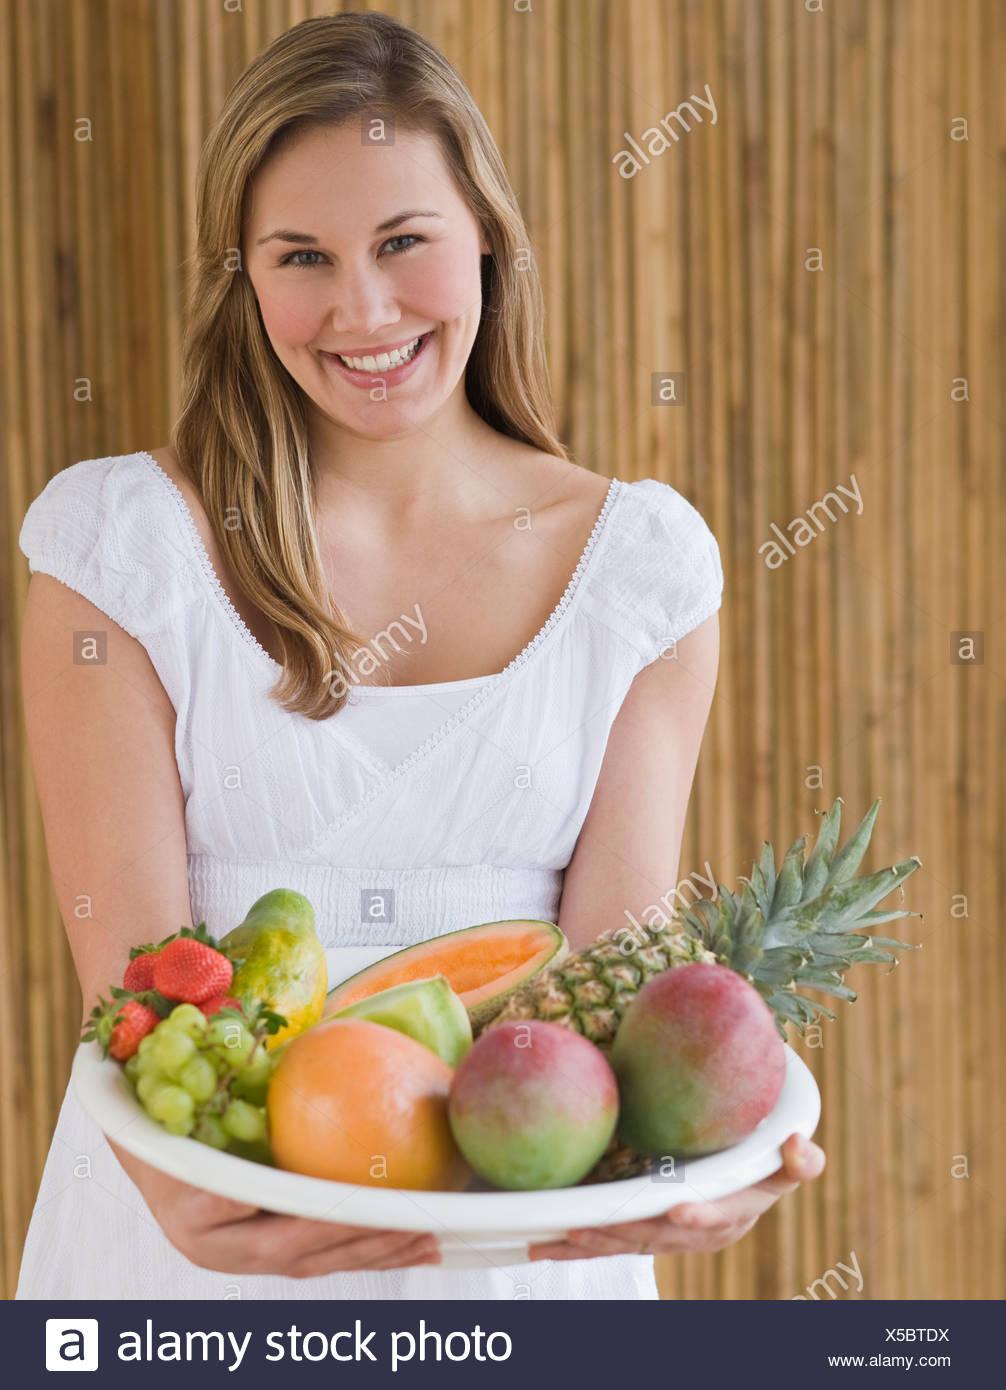 Mujer sosteniendo el tazón de fruta Imagen De Stock